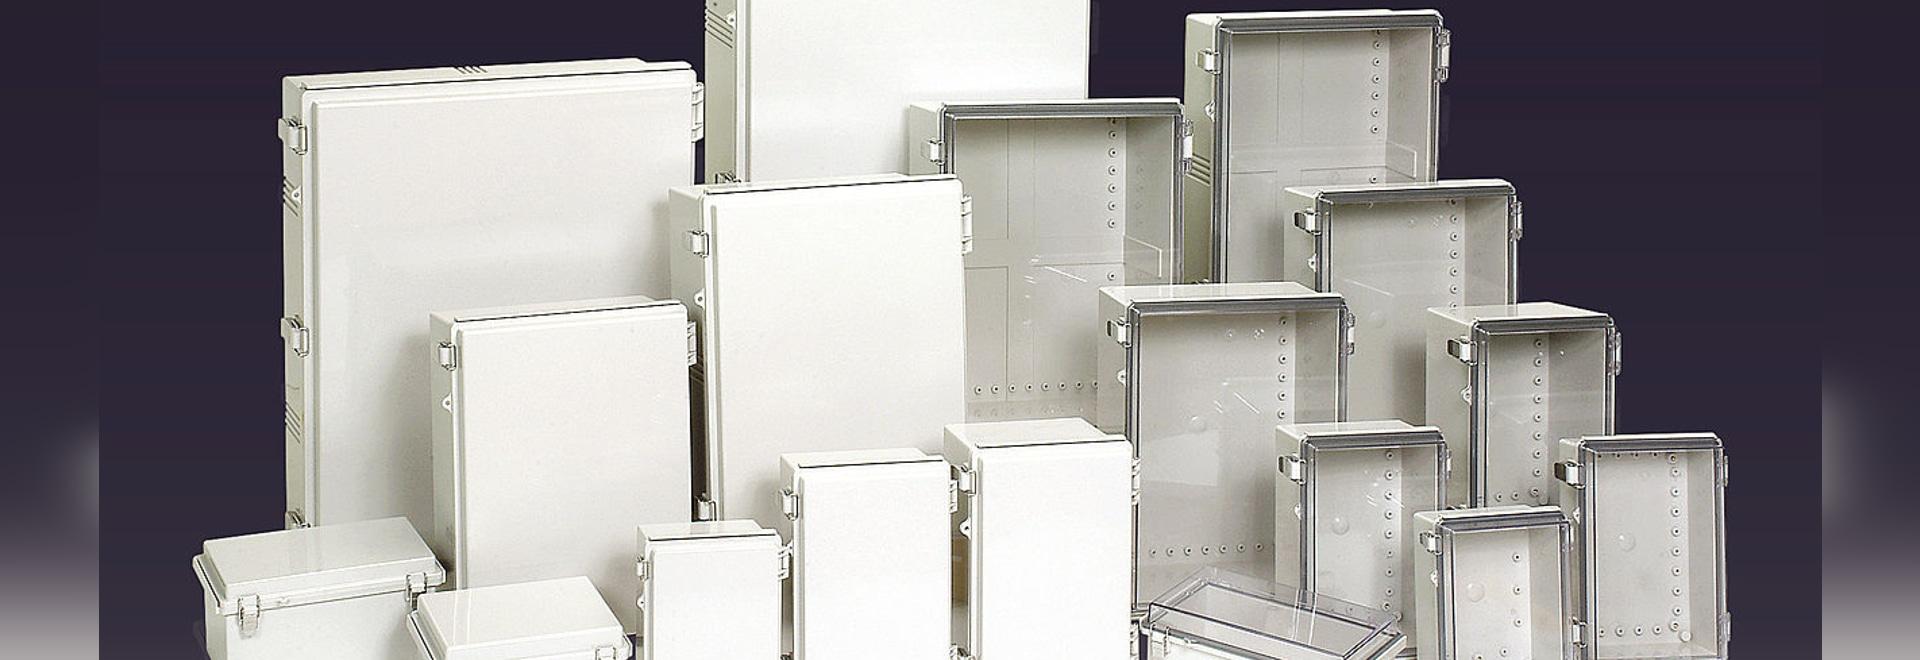 IP66/67 Plastic hinge type enclosure